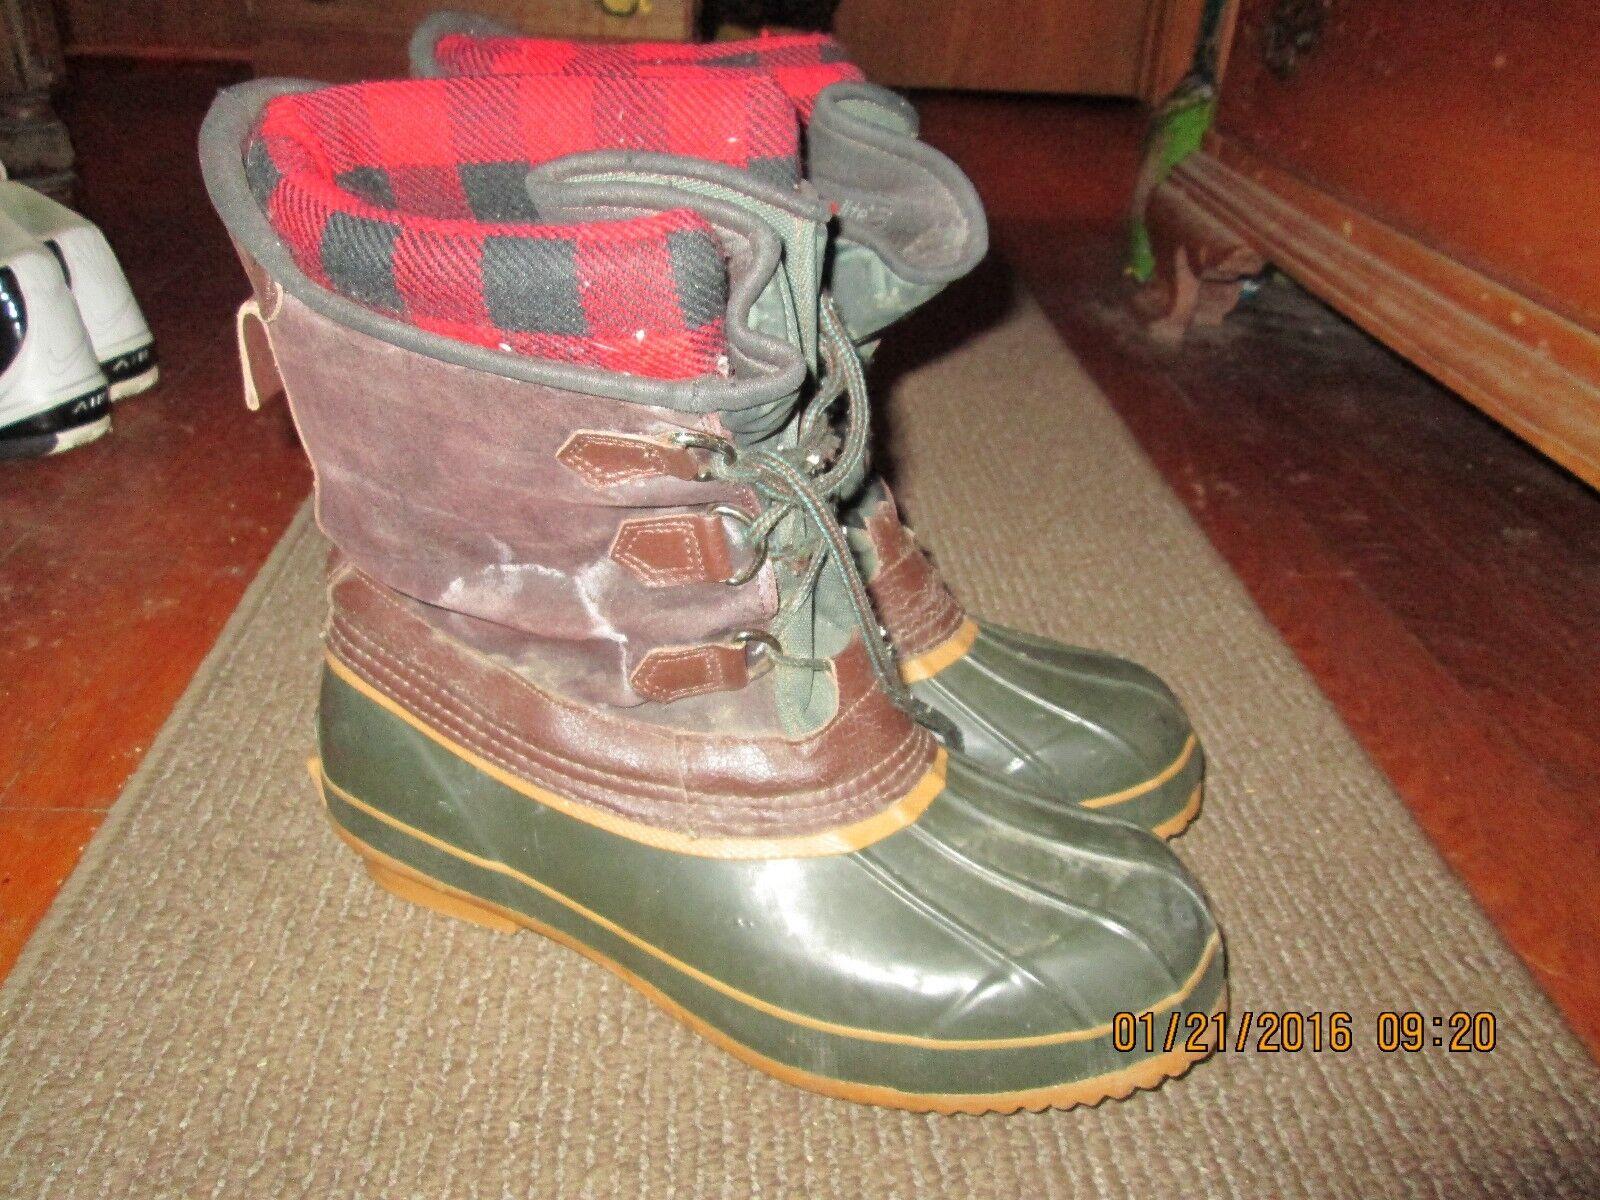 Gli stivali - isolati taglia 12 isolati - d'inverno ad6d15